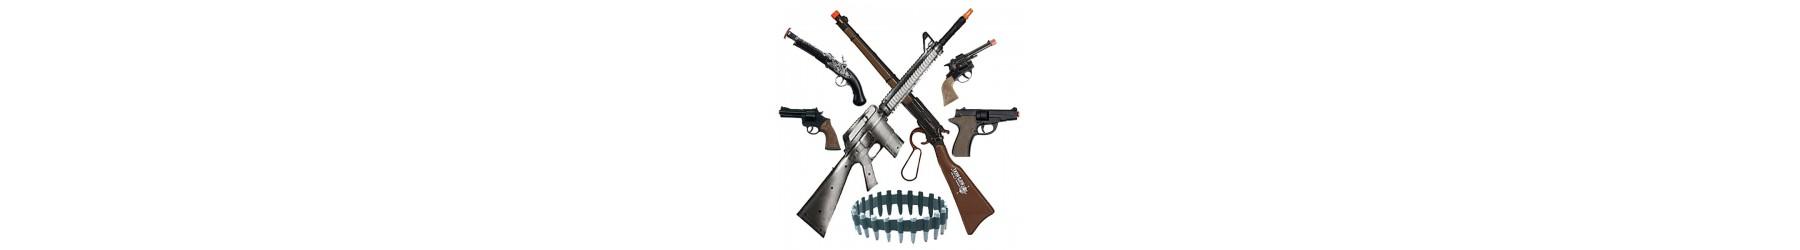 Αποκριάτικα όπλα, πολυβόλα, πιστόλια και κουμπούρια